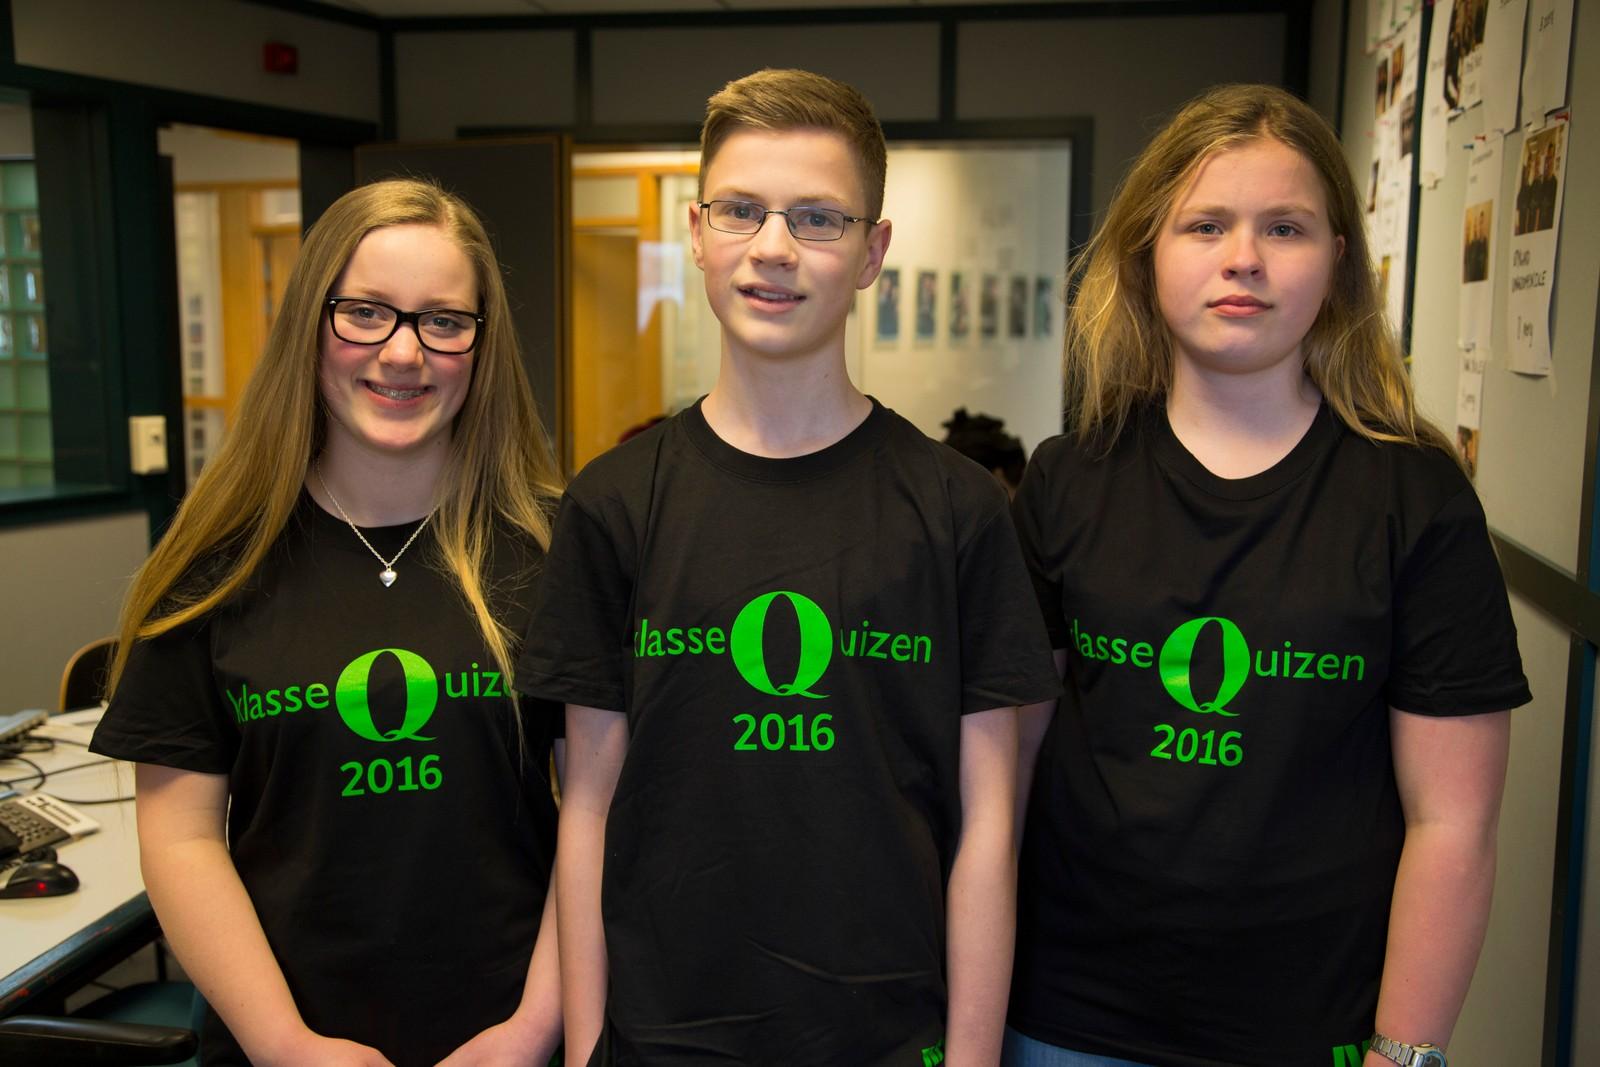 9 POENG: Egersund Samfundets skole: f.v. Helene Dvervsnes, Ørjan Thorsen og Amanda Leidland.